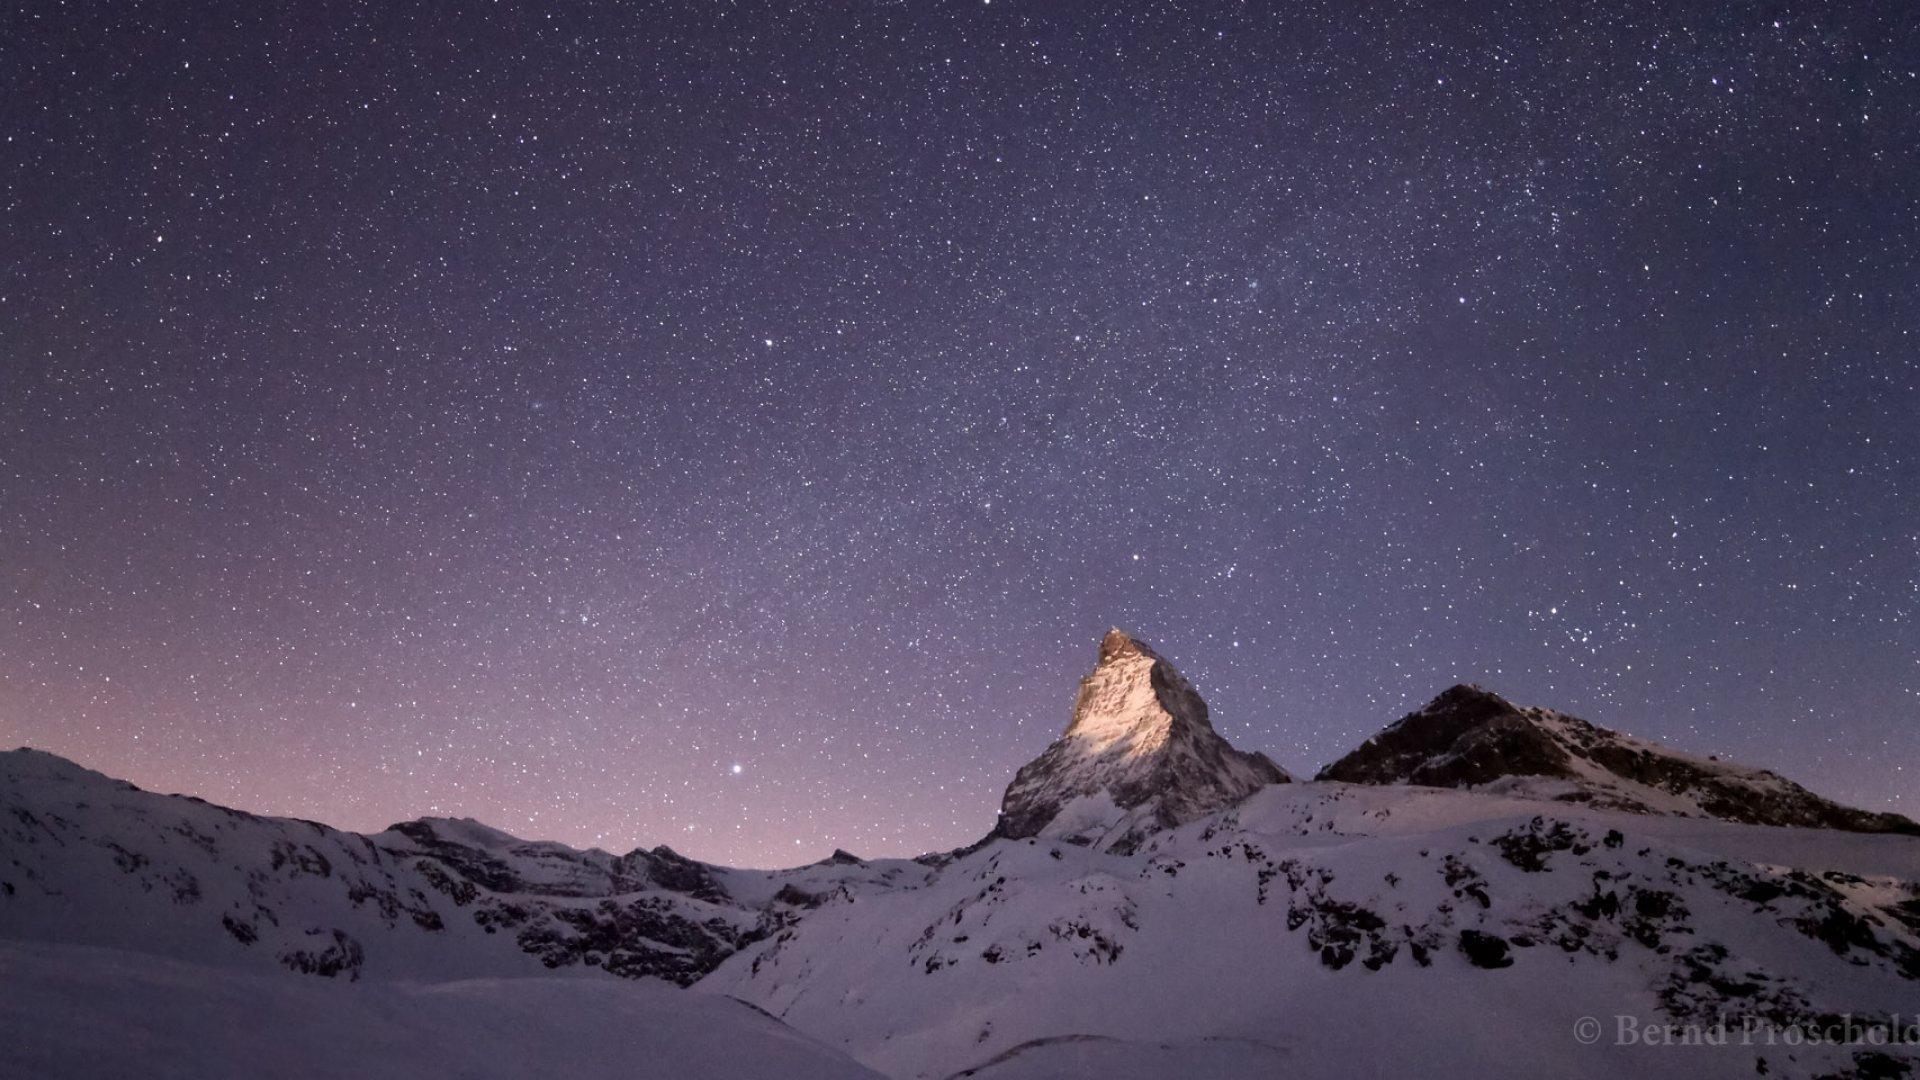 Auf dieser grandiosen Aufnahme von Bernd Pröschold erstrahlt die Spitze des Matterhorns im Licht des aufgehenden Mondes.